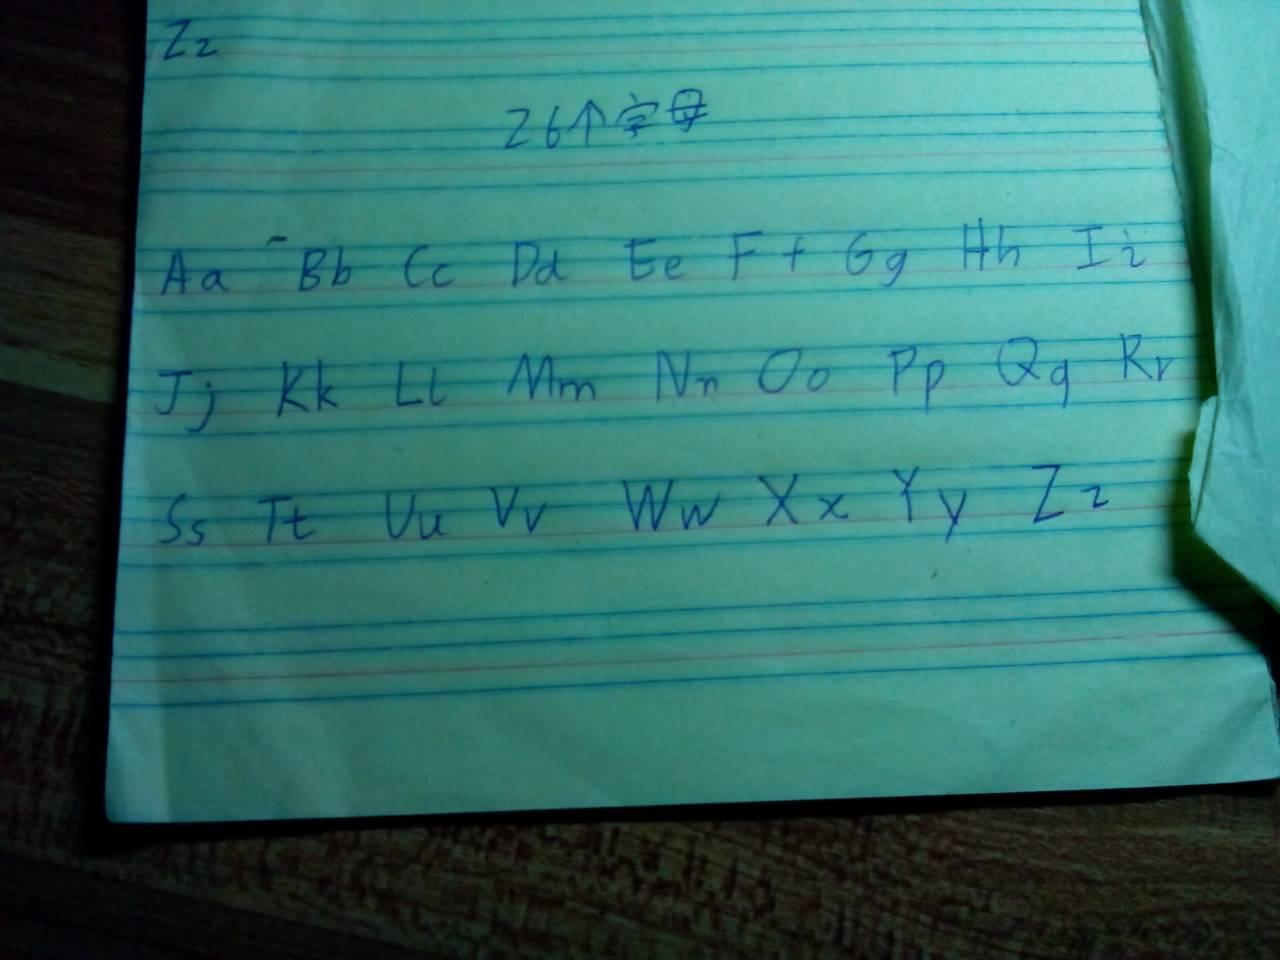 就是拼音那个字母呢 评论|  2014-06-27 11:49 你想我有多拽|来自手机图片